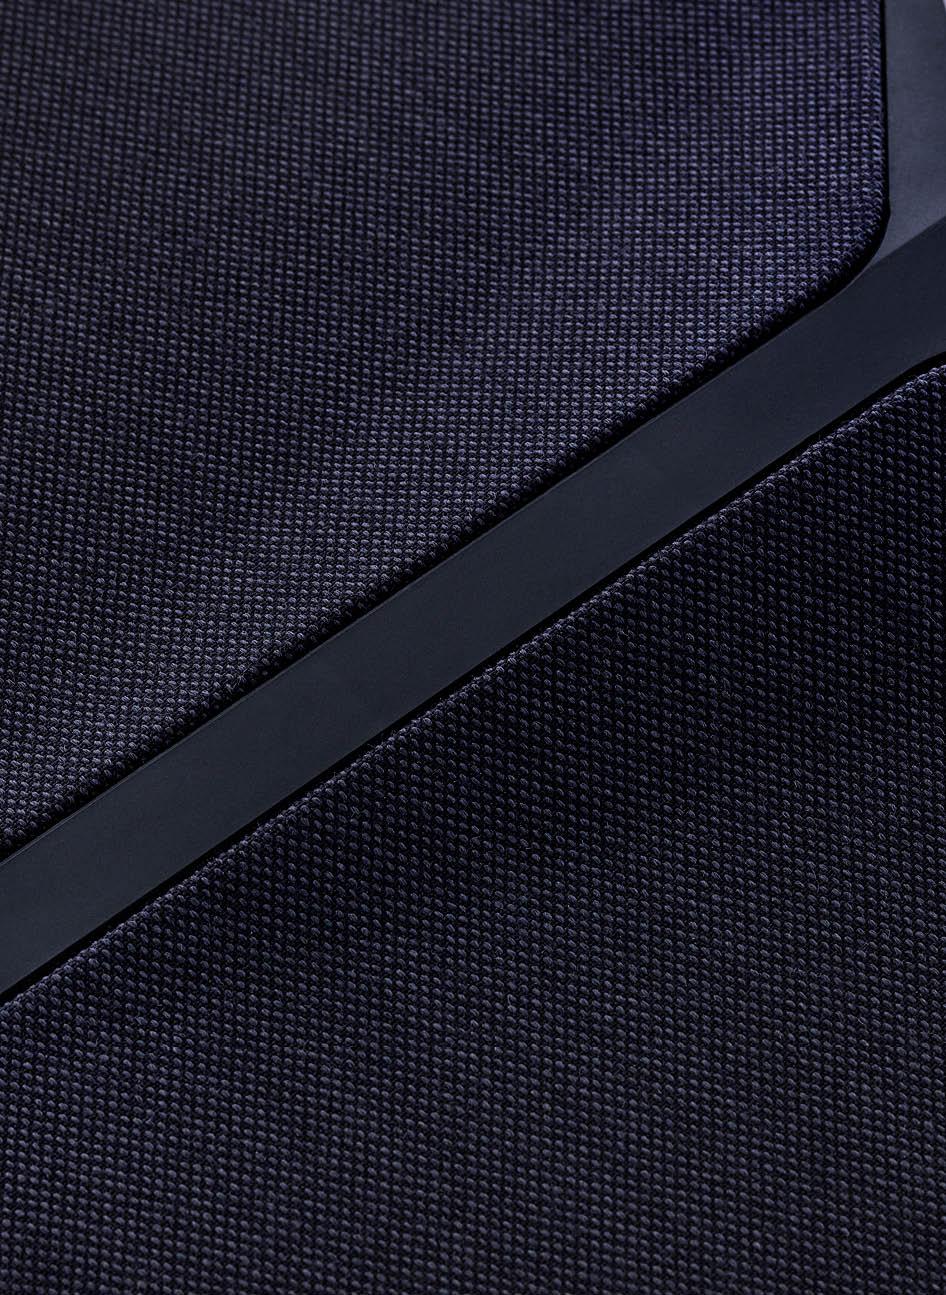 Detail der Material-Struktur von Textil-Sitz